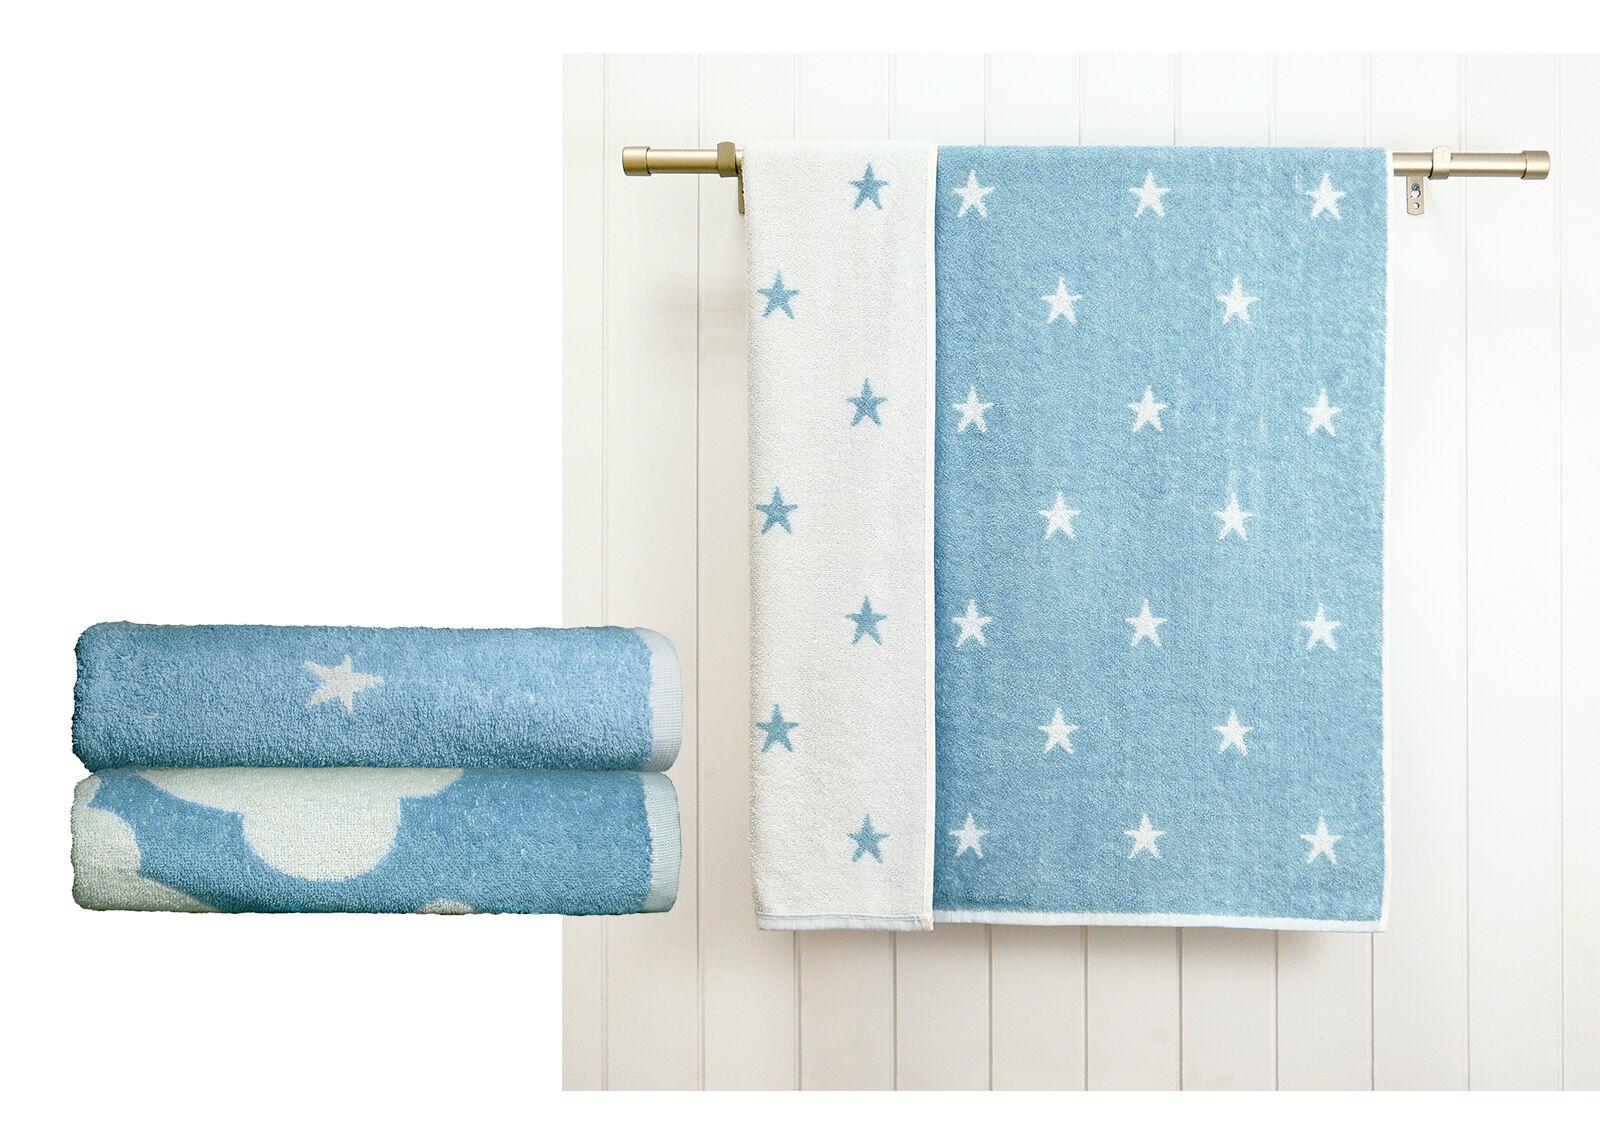 ARDENZA BABY Froteepyyhkeet Stars /Clouds 2 kpl, sininen